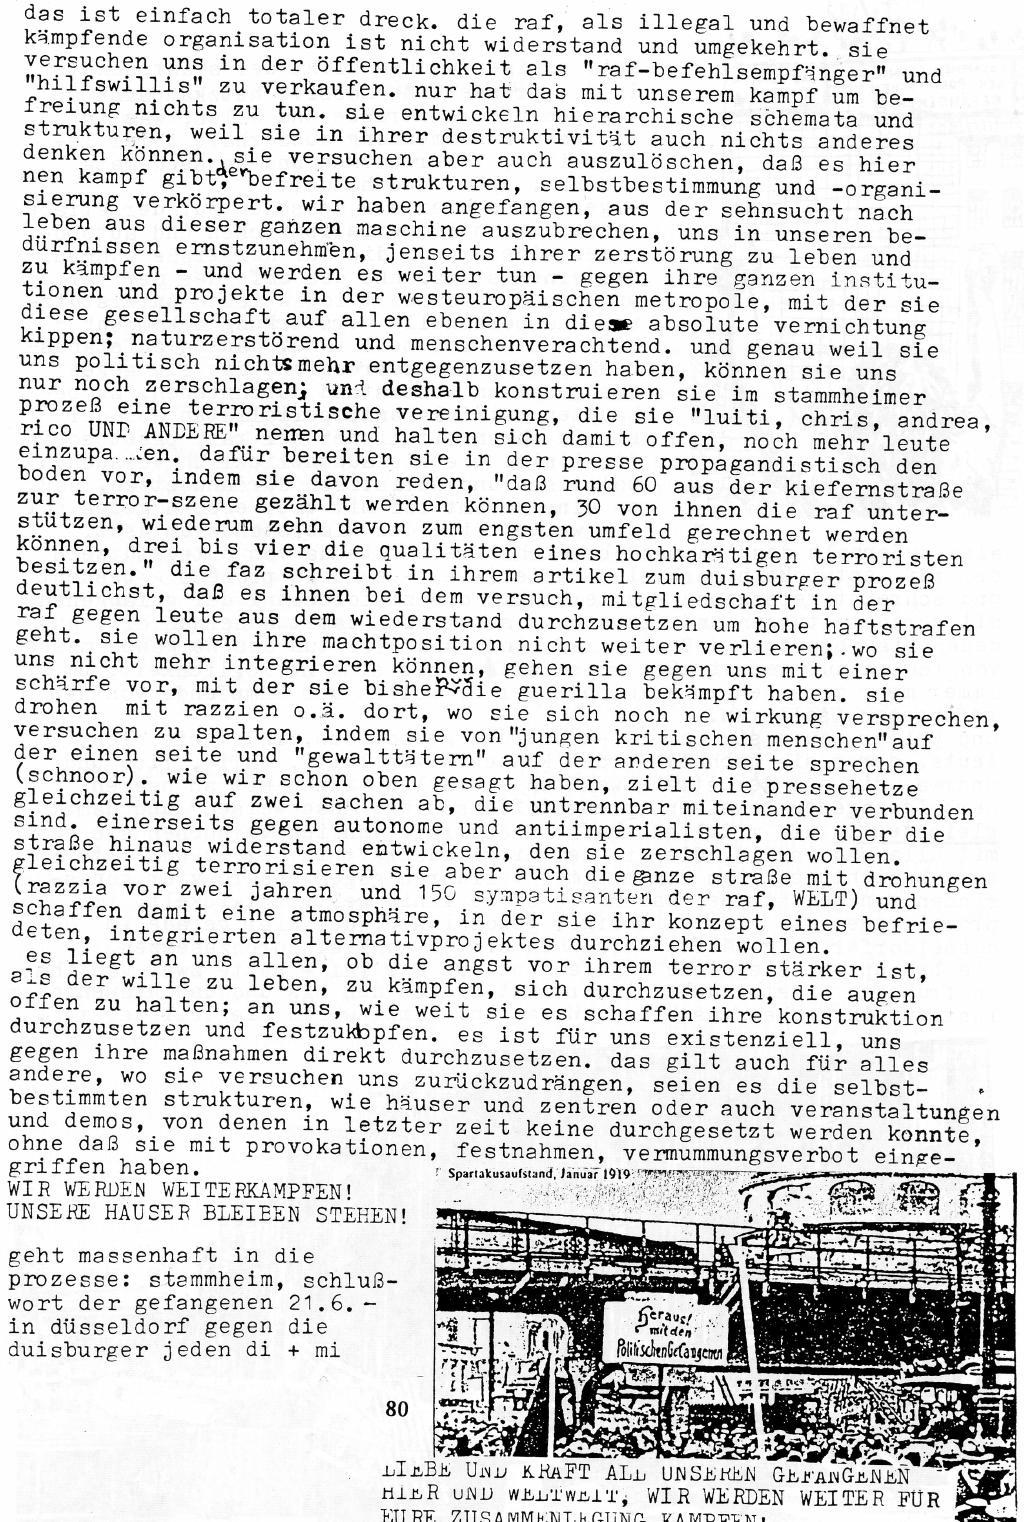 Duesseldorf_1989_Sechs_Politische_Gefangene_080